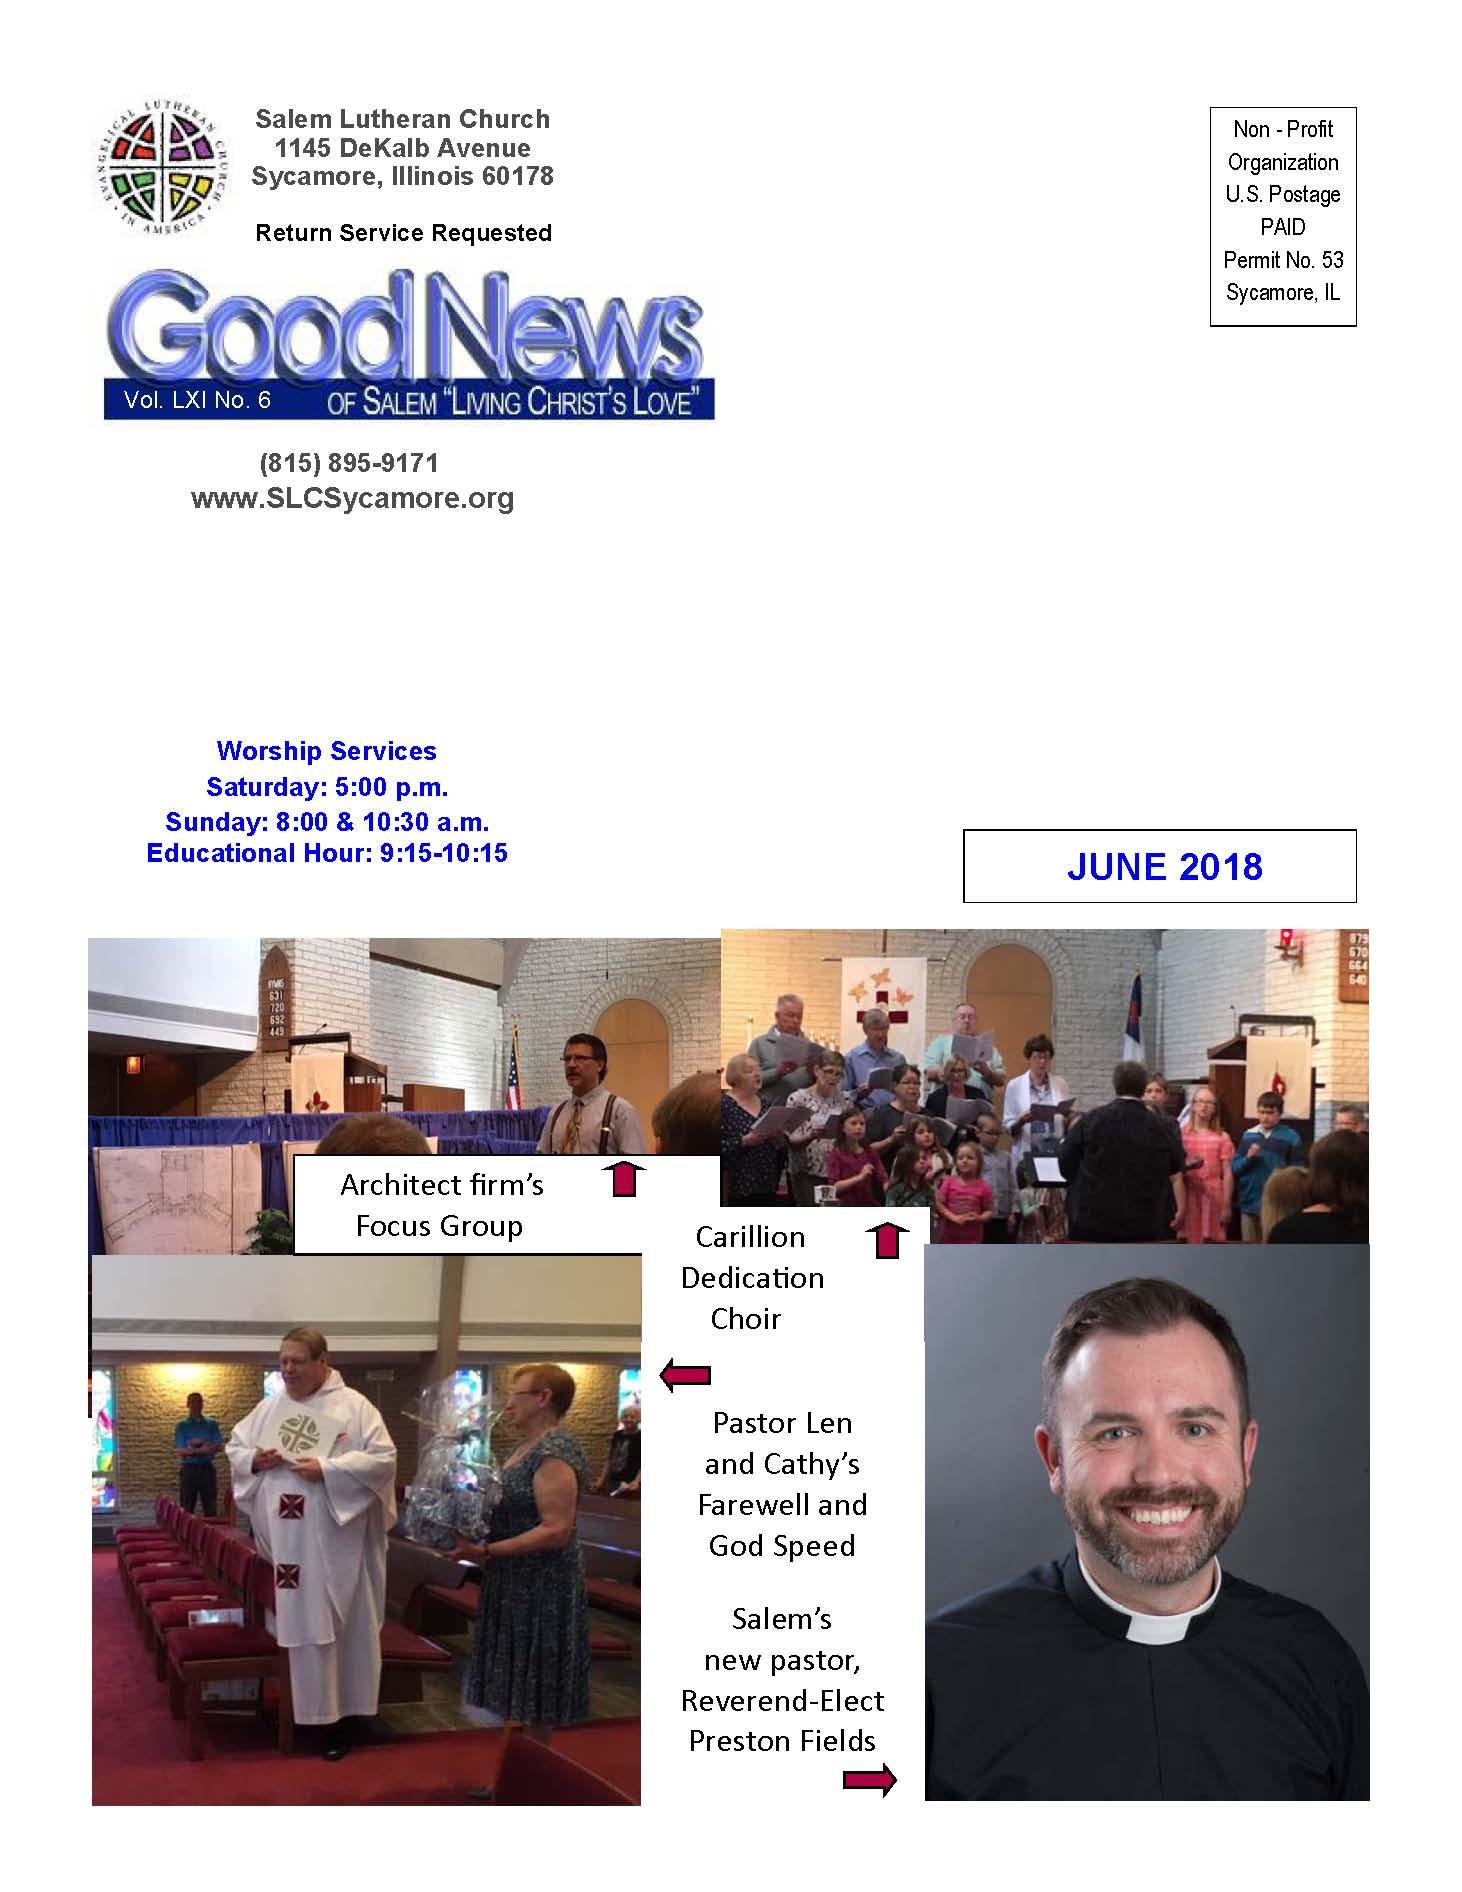 June 2018 Newsletter Cover